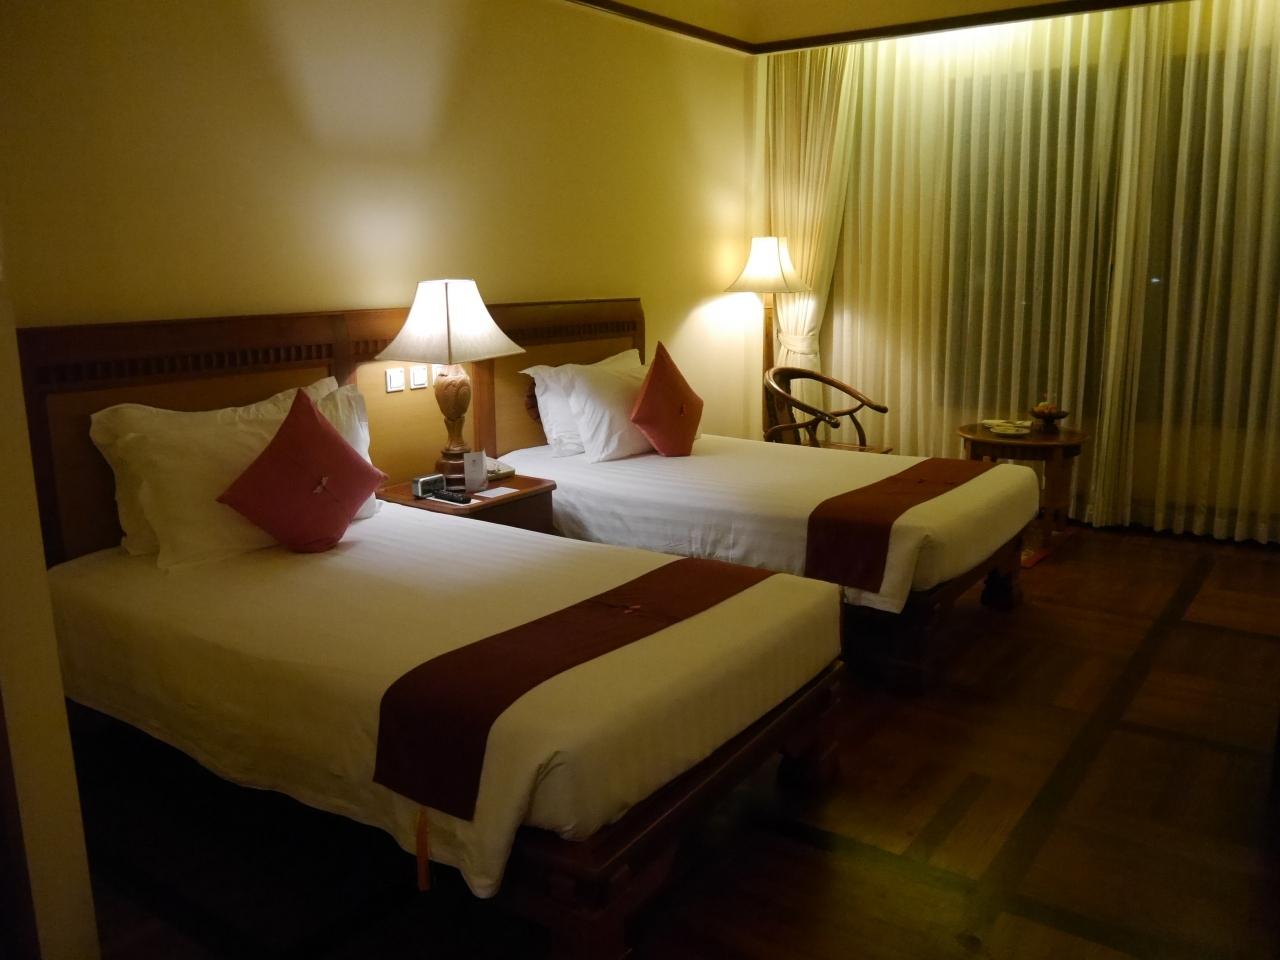 今回宿泊した、ソカアンコールリゾートのツインの部屋です。最初は広さが同じのダブルの部屋でしたが、ツインに変更をお願いしたらこの部屋になりました。さすが高級ホテルです。広くて綺麗です。ウエルカムフルーツやデザートも用意されてました。湯沸かしポットもインスタントコーヒーもありました。  本来は4泊の予定ですが、何故か追加代金無しで5泊予約されていました。おかげで最後の日は余裕でレイトチェックアウトできました。